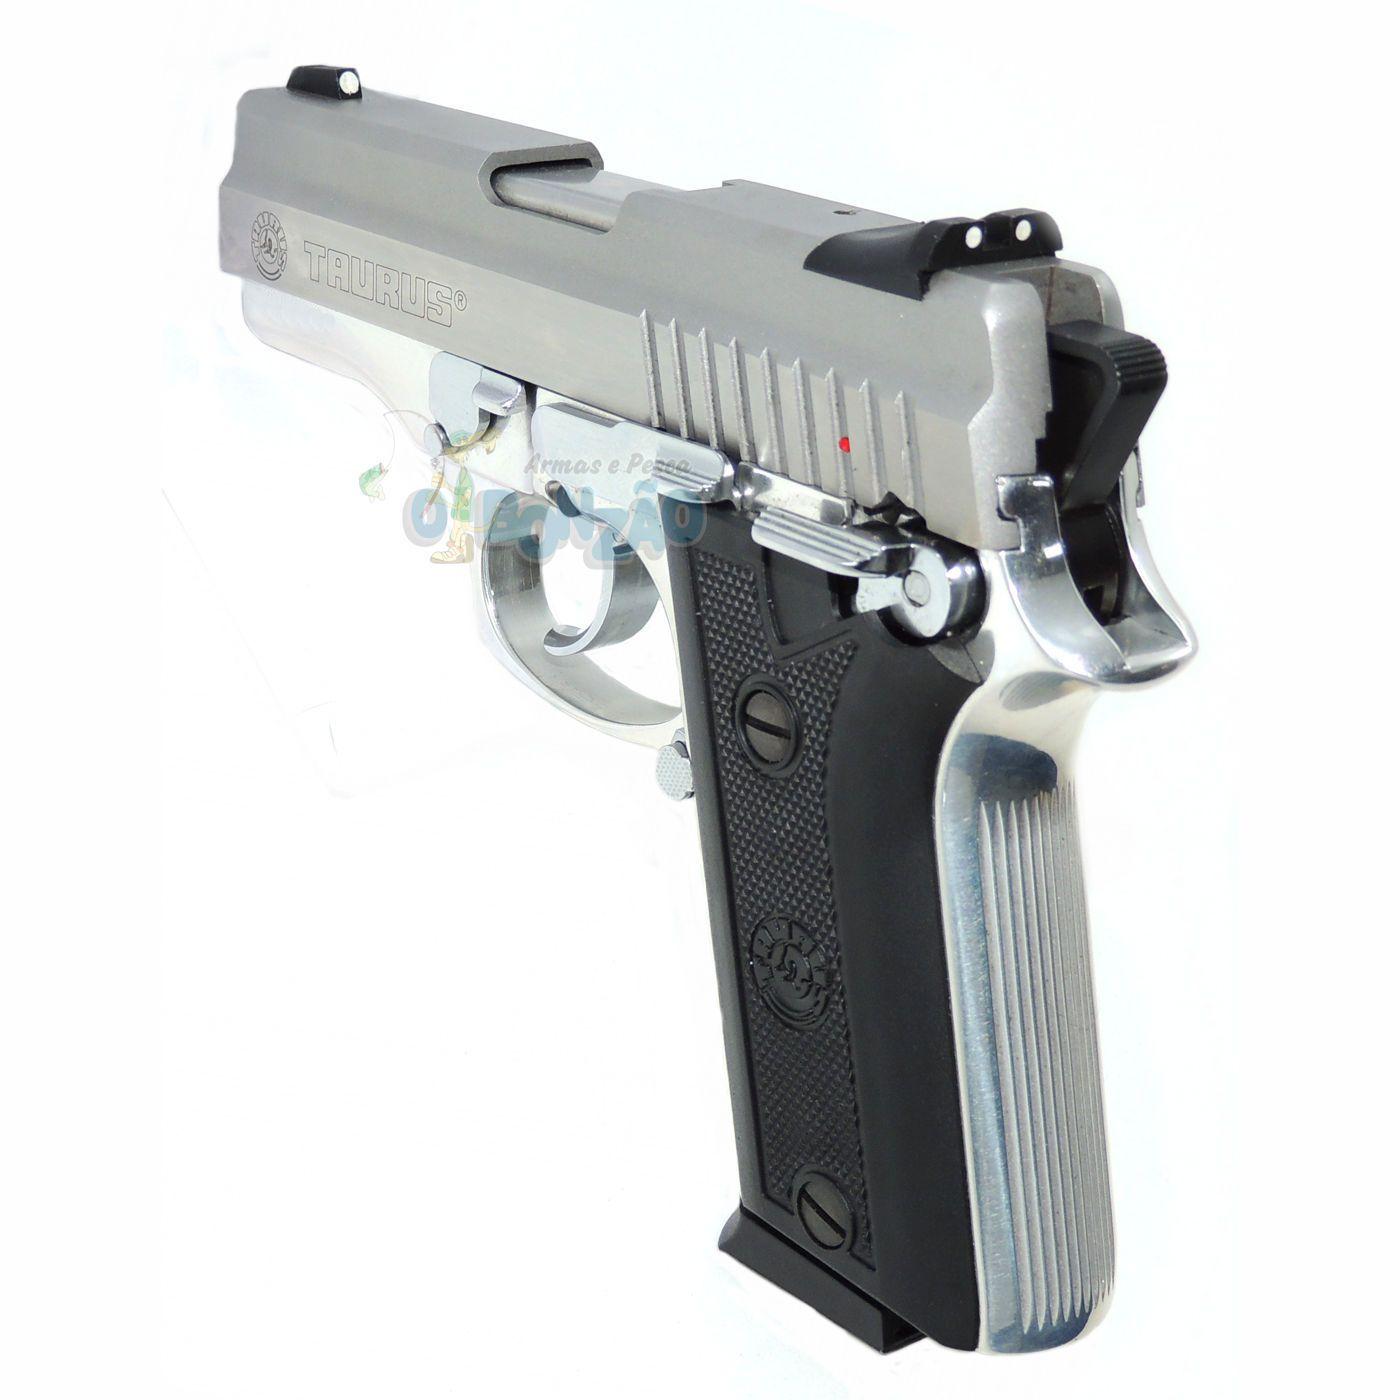 ... Pistola Taurus PT 938 - Cal. 380 Auto 15+1 Tiros Inox Fosco ...